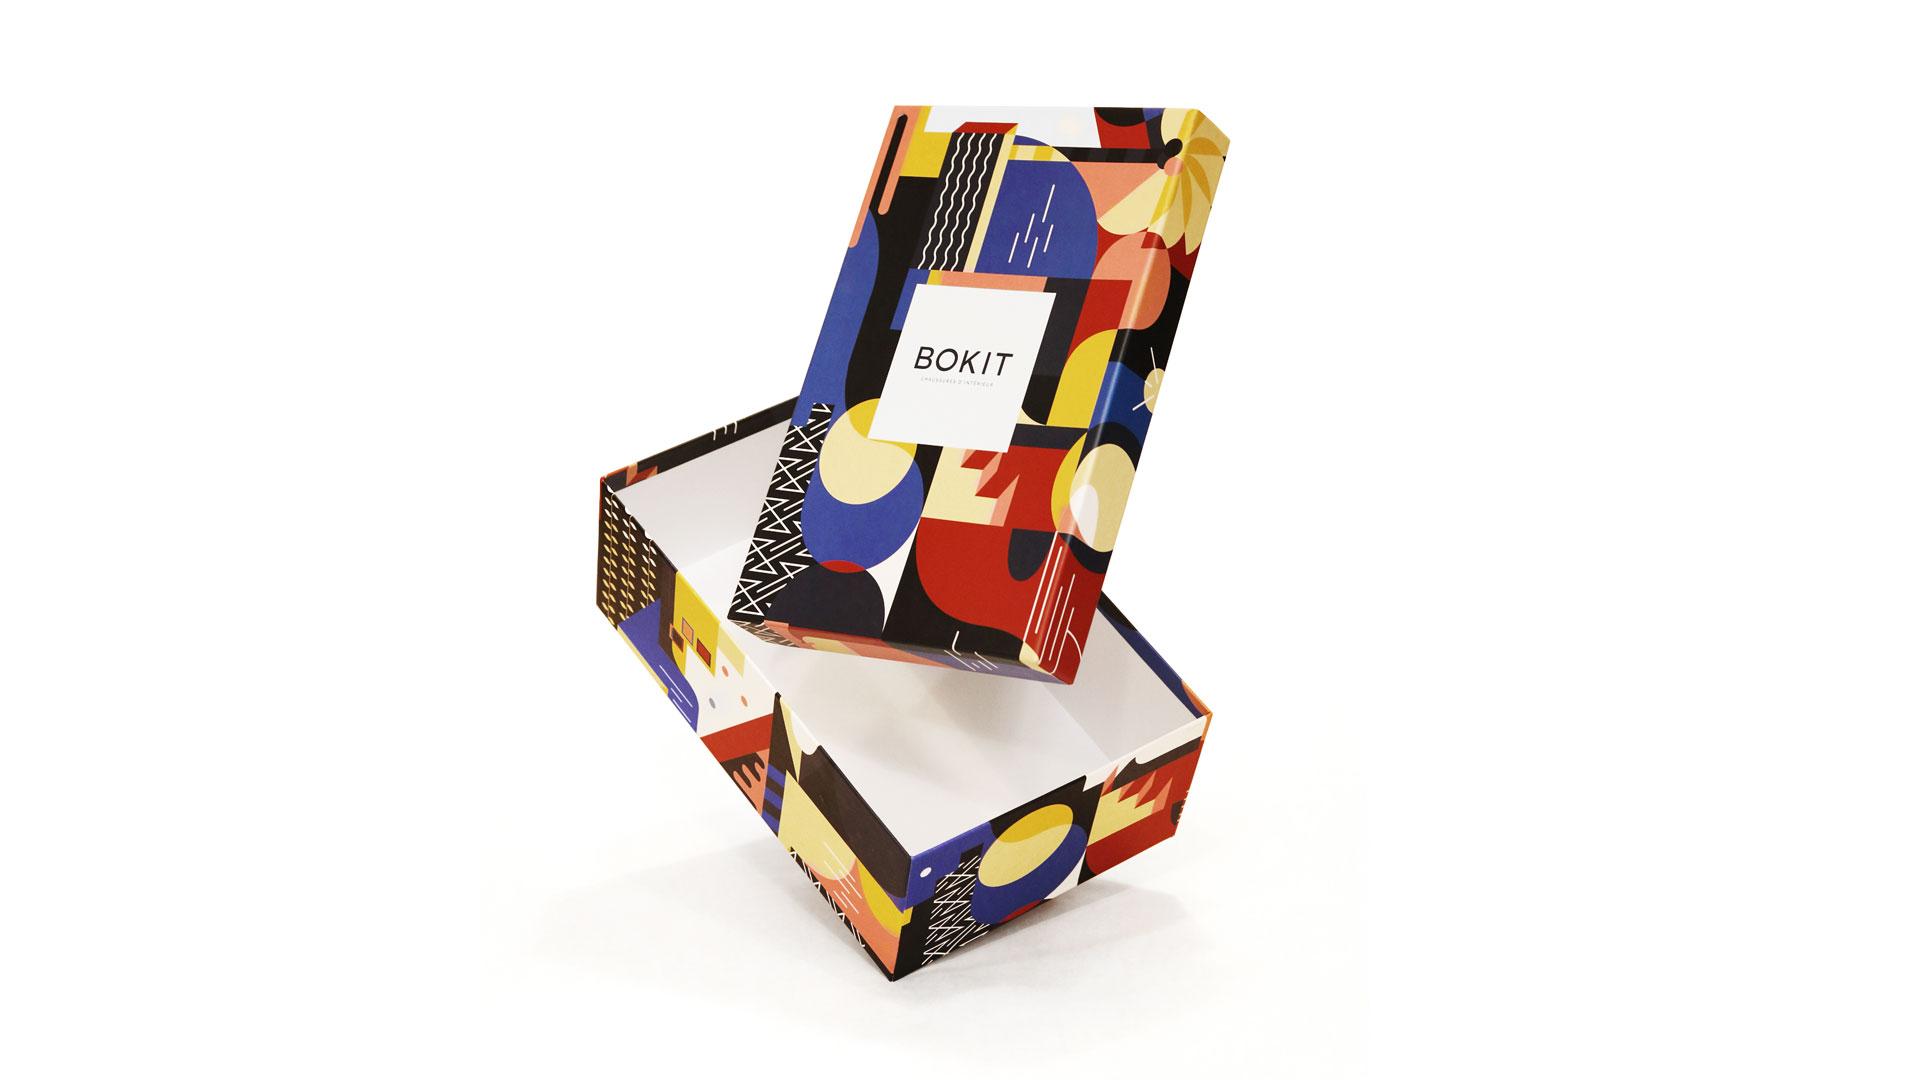 Le studio hekla réalise une boite à chaussure au pattern personnalisé pour la marque de chaussure bordelaise Bokit